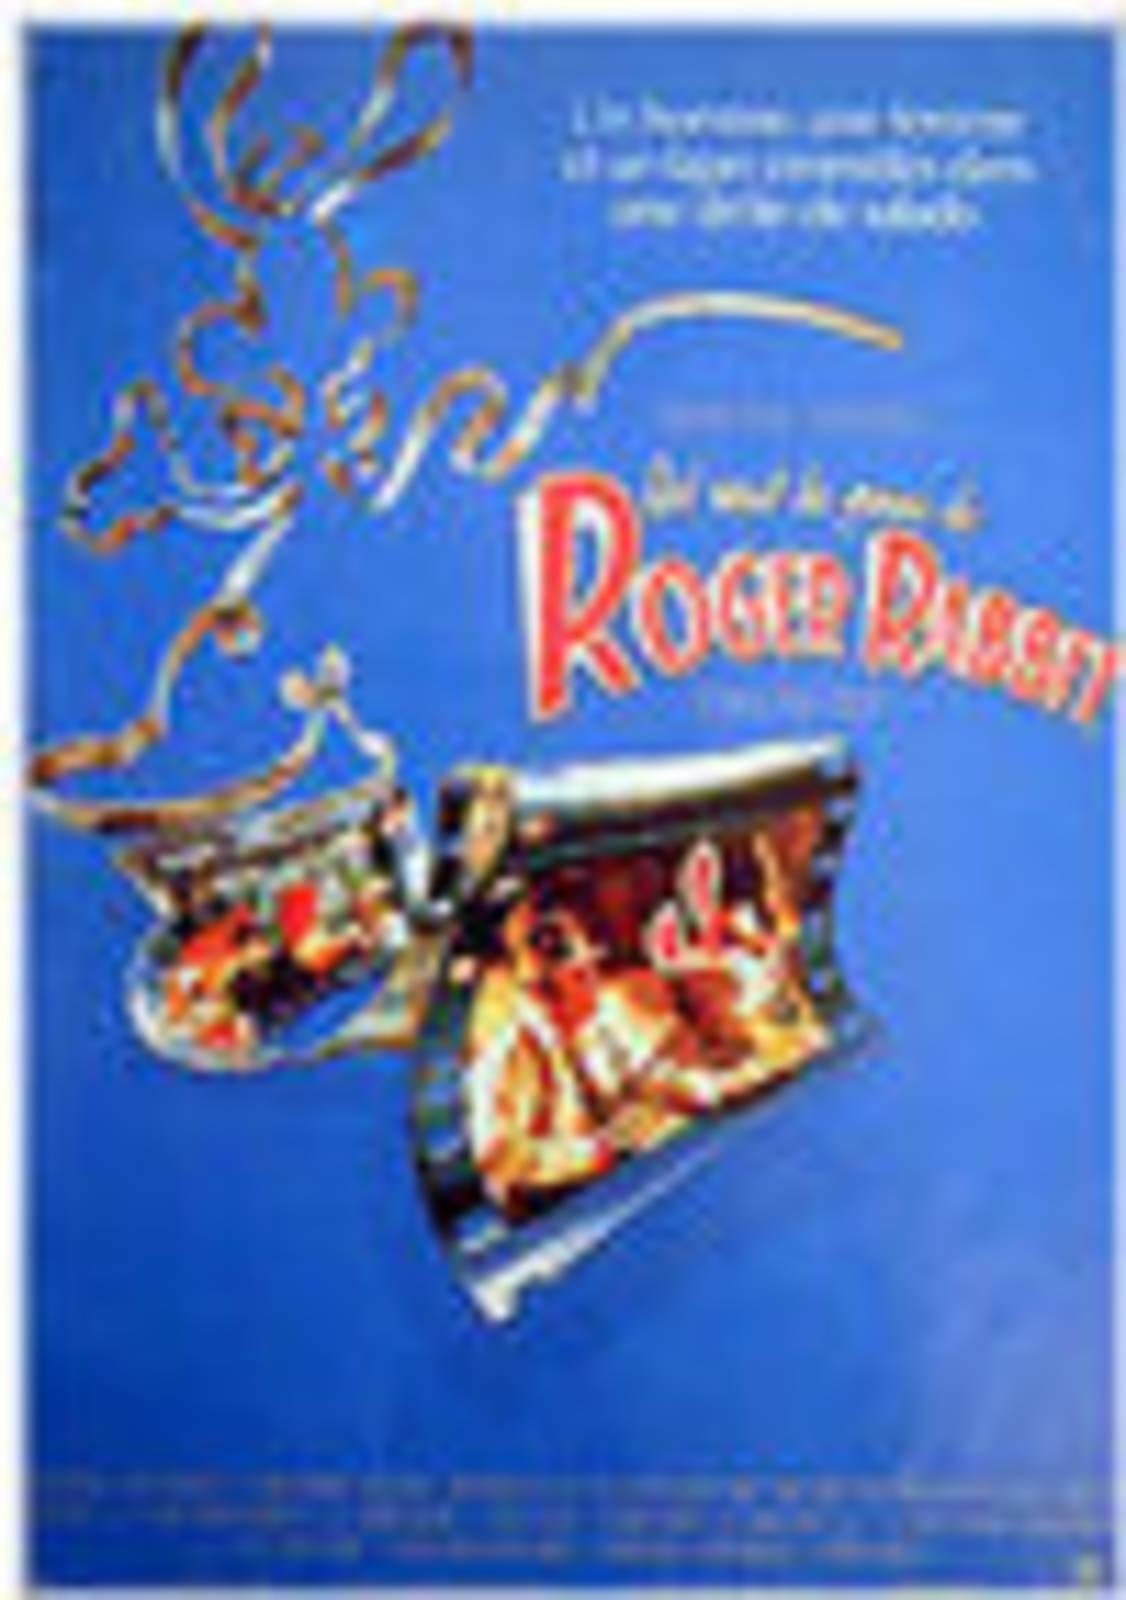 Film Falsches Spiel mit Roger Rabbit - Cineman